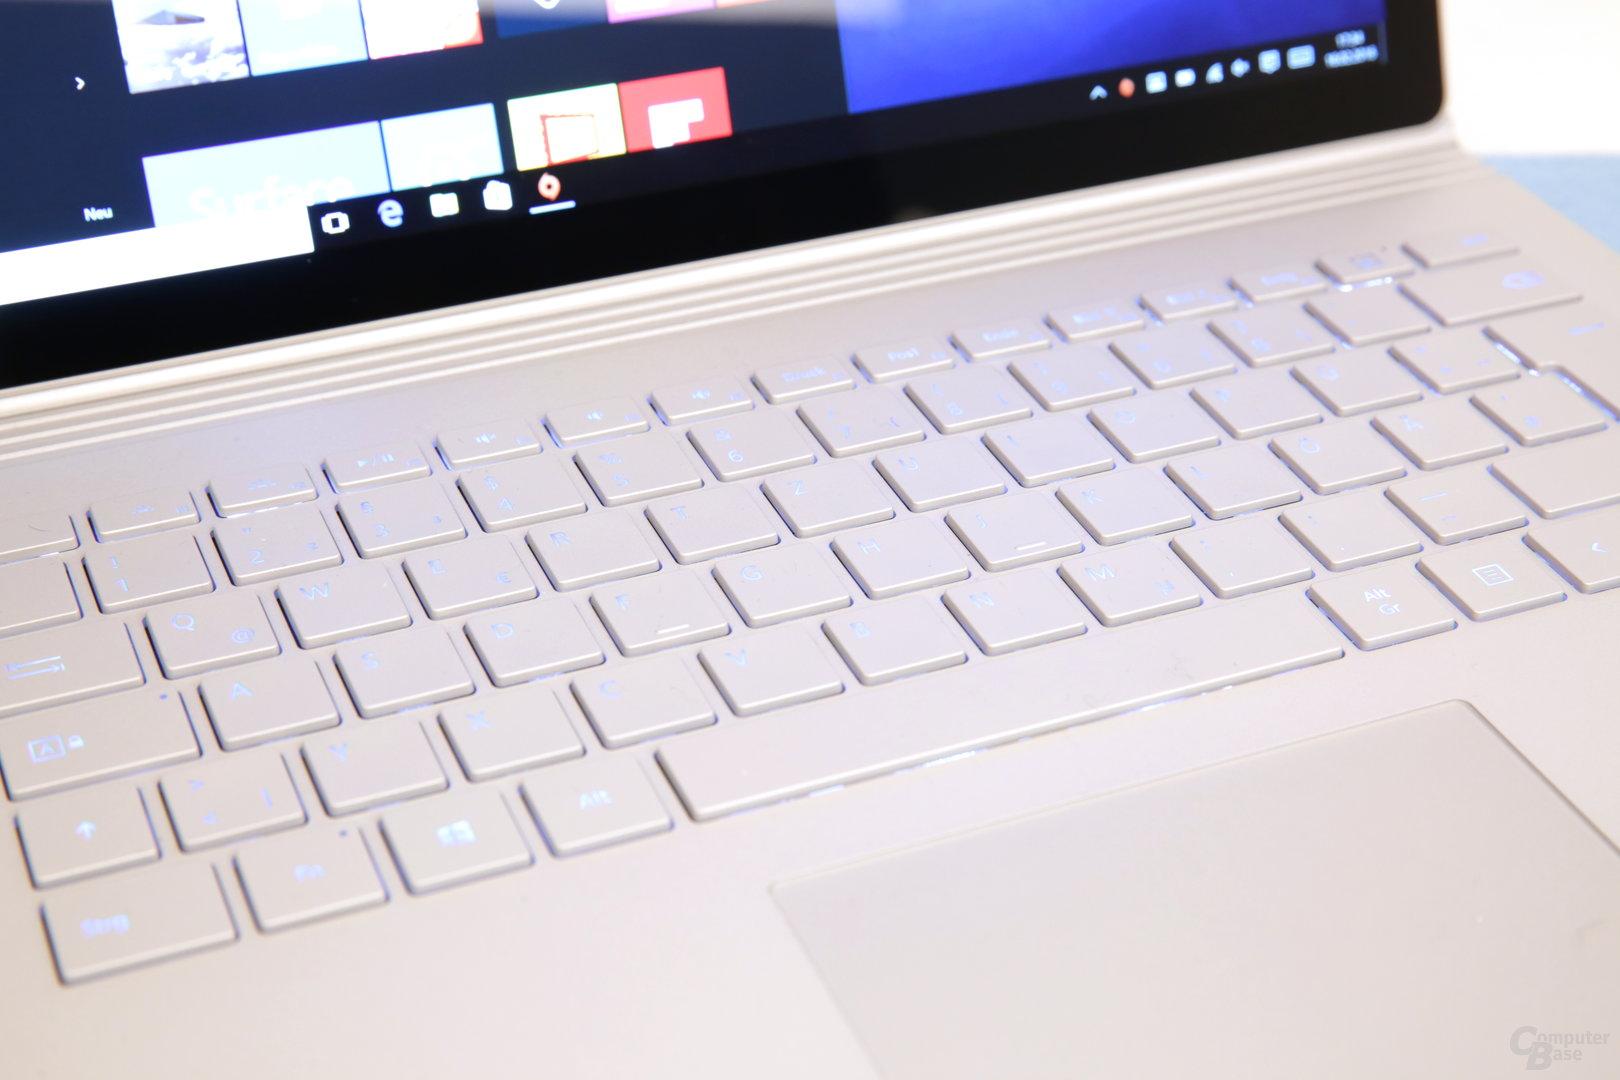 Tastaturbeleuchtung an